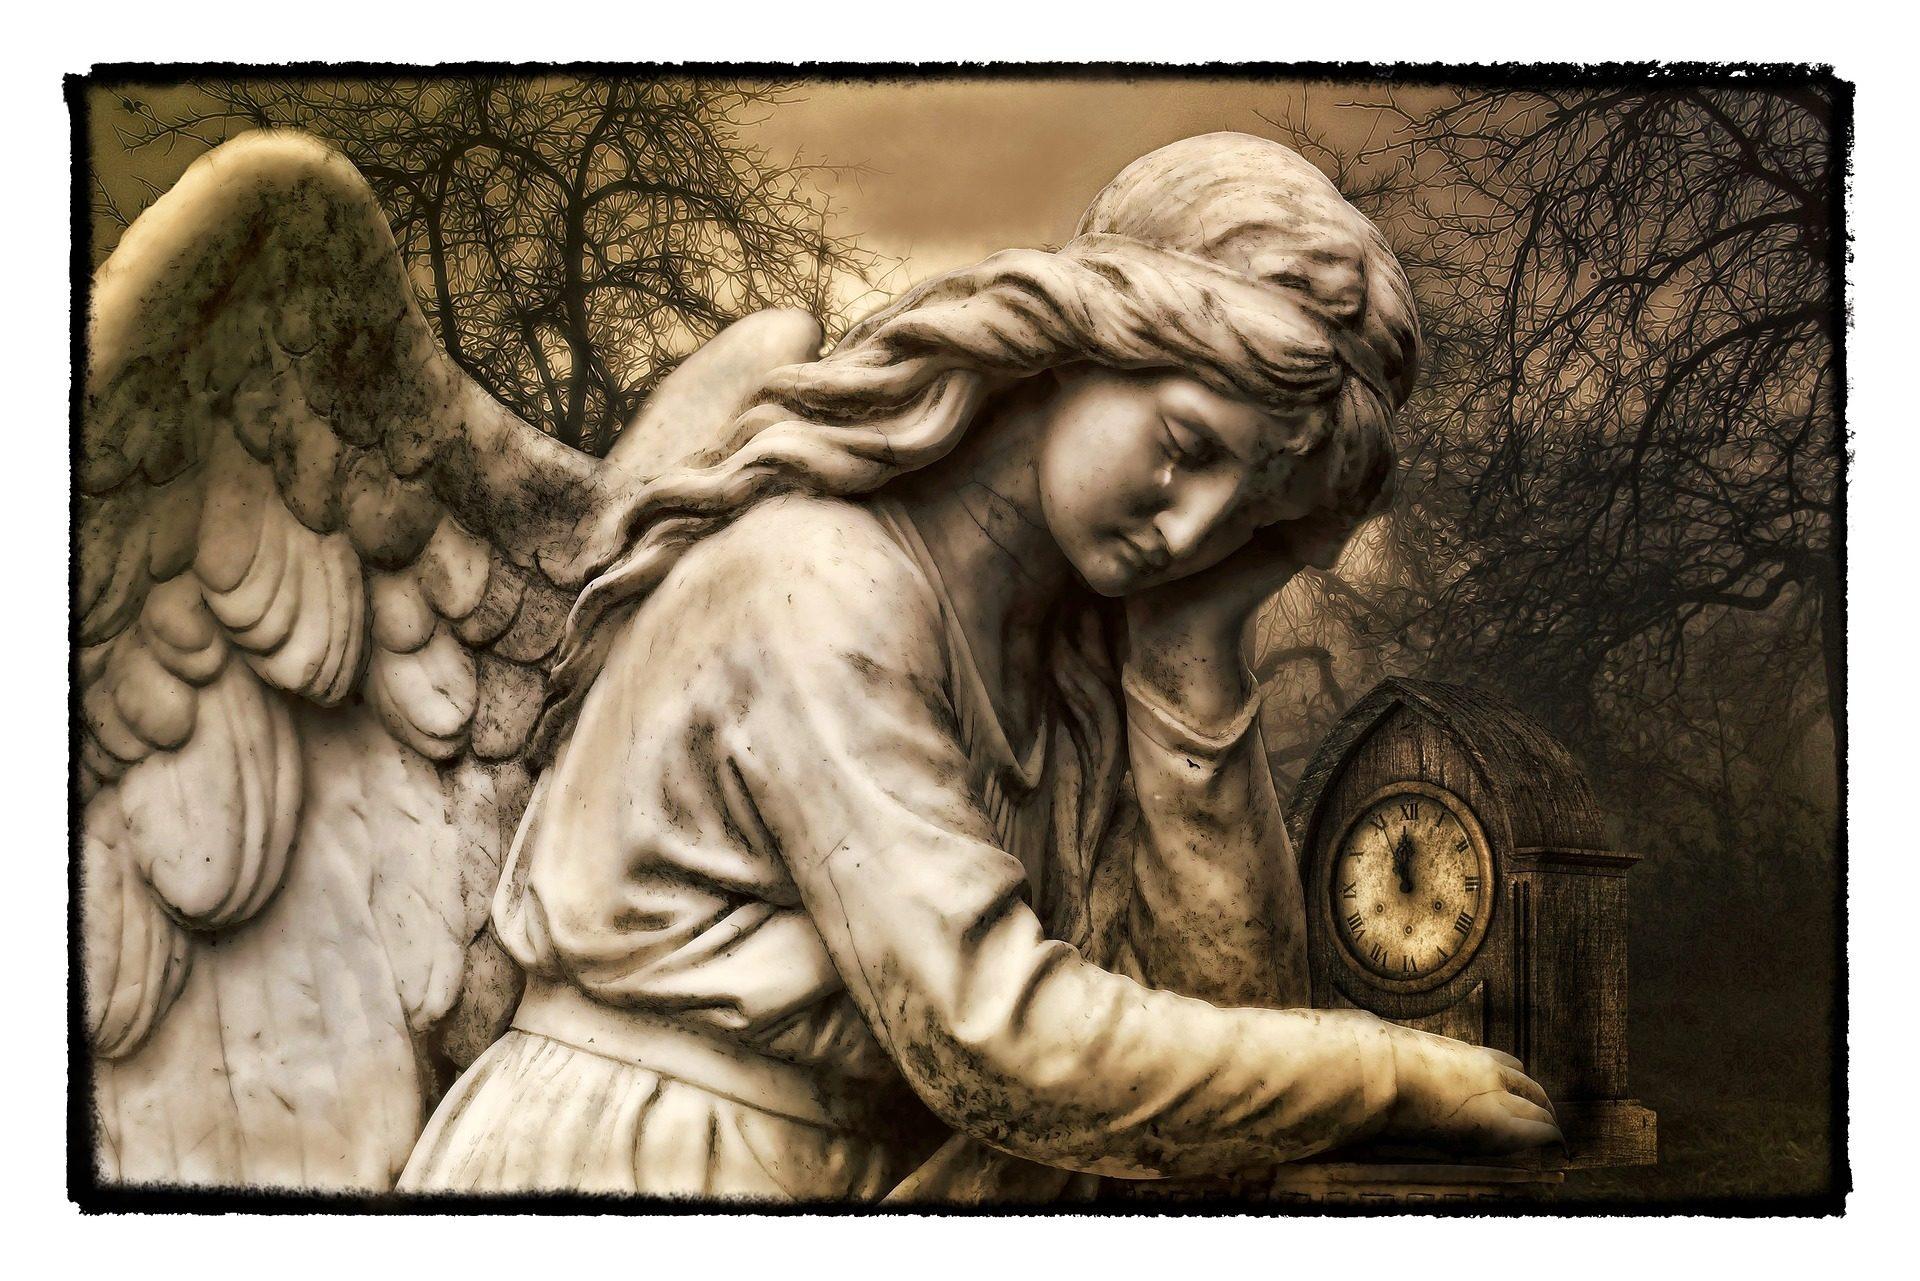 Άγγελος, κλάμα, Ρολόι, ώχρα, φτερά - Wallpapers HD - Professor-falken.com